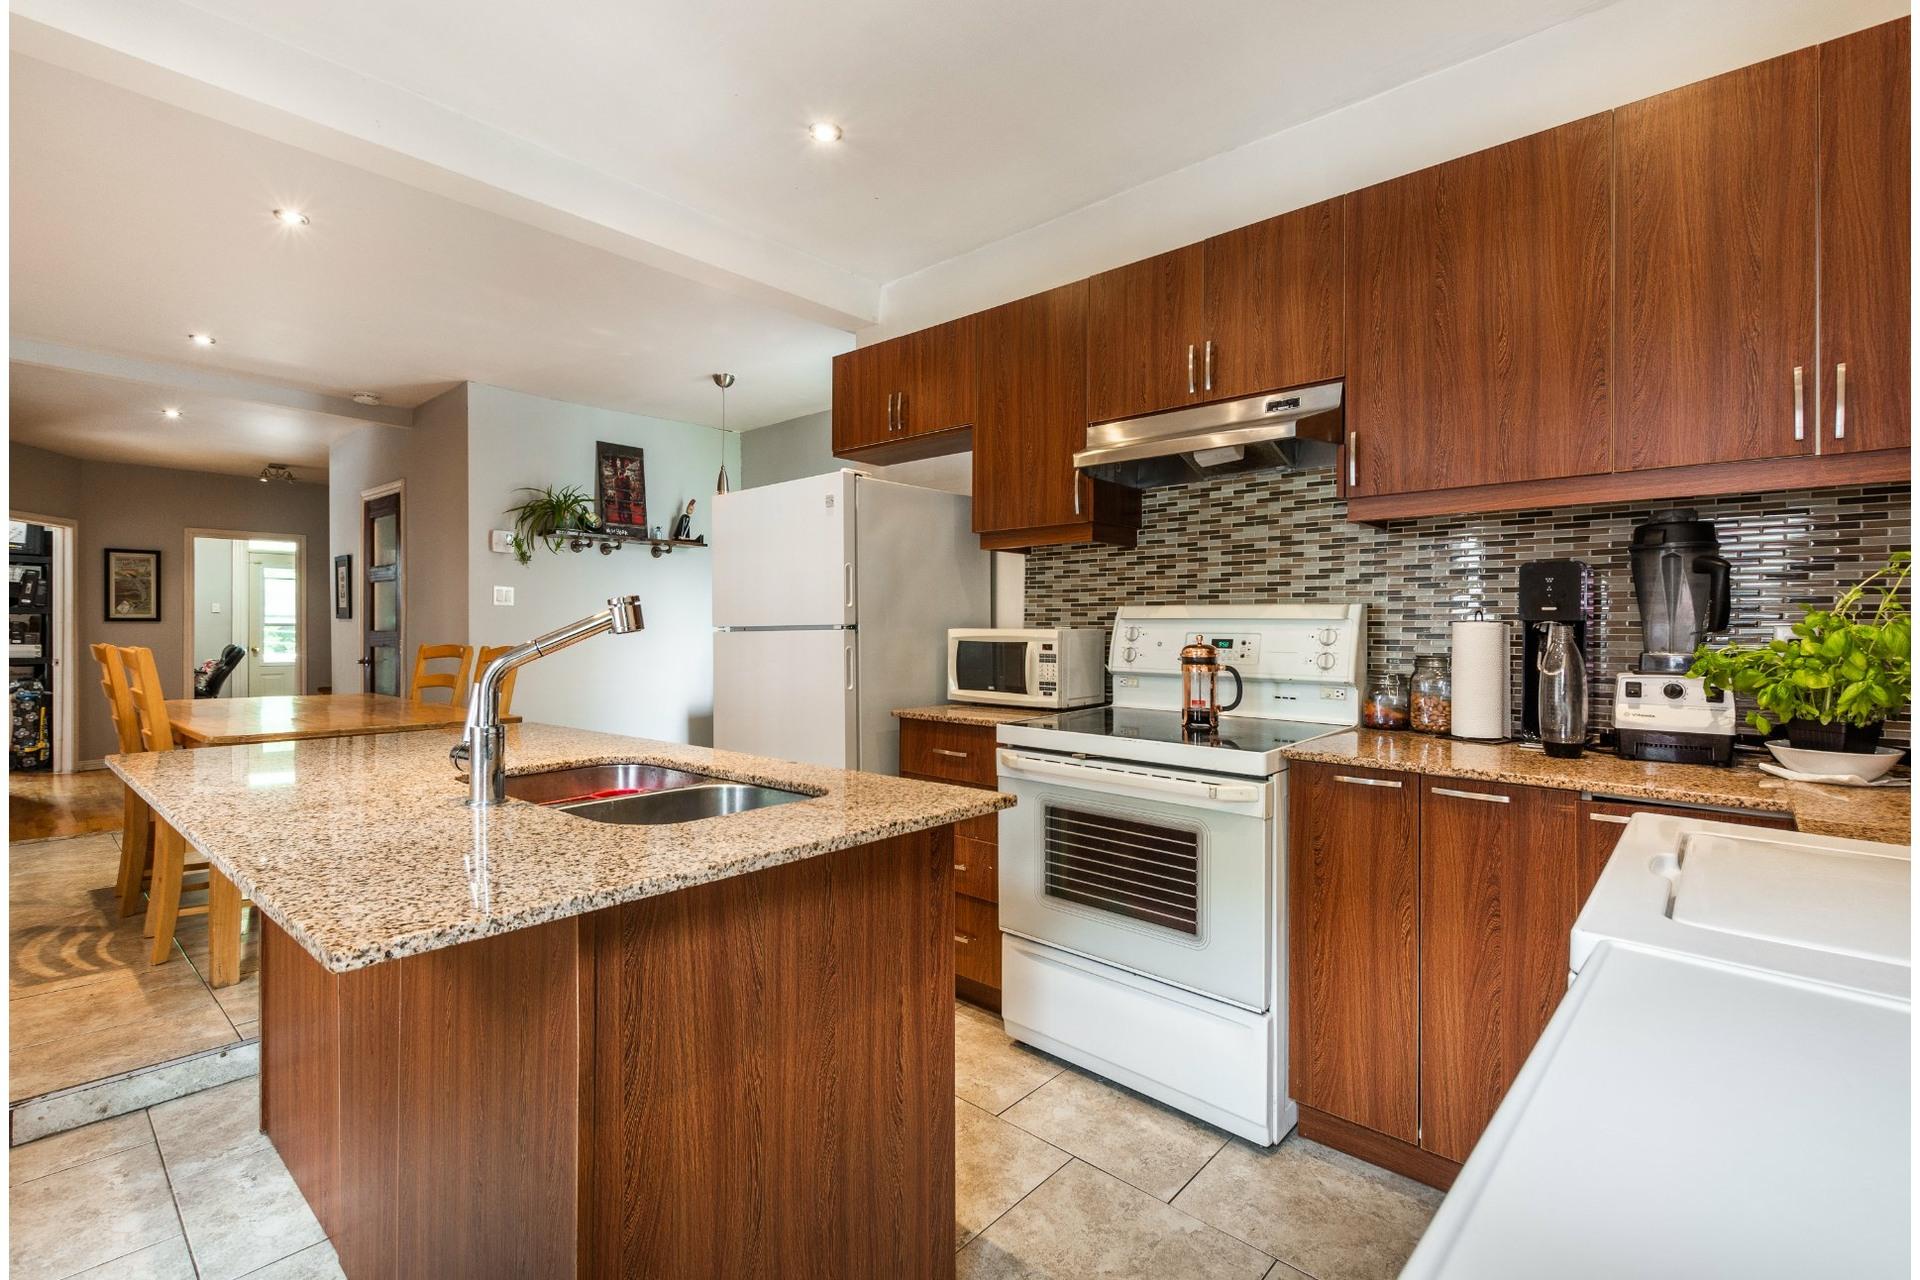 image 20 - Duplex À vendre Montréal Verdun/Île-des-Soeurs  - 4 pièces